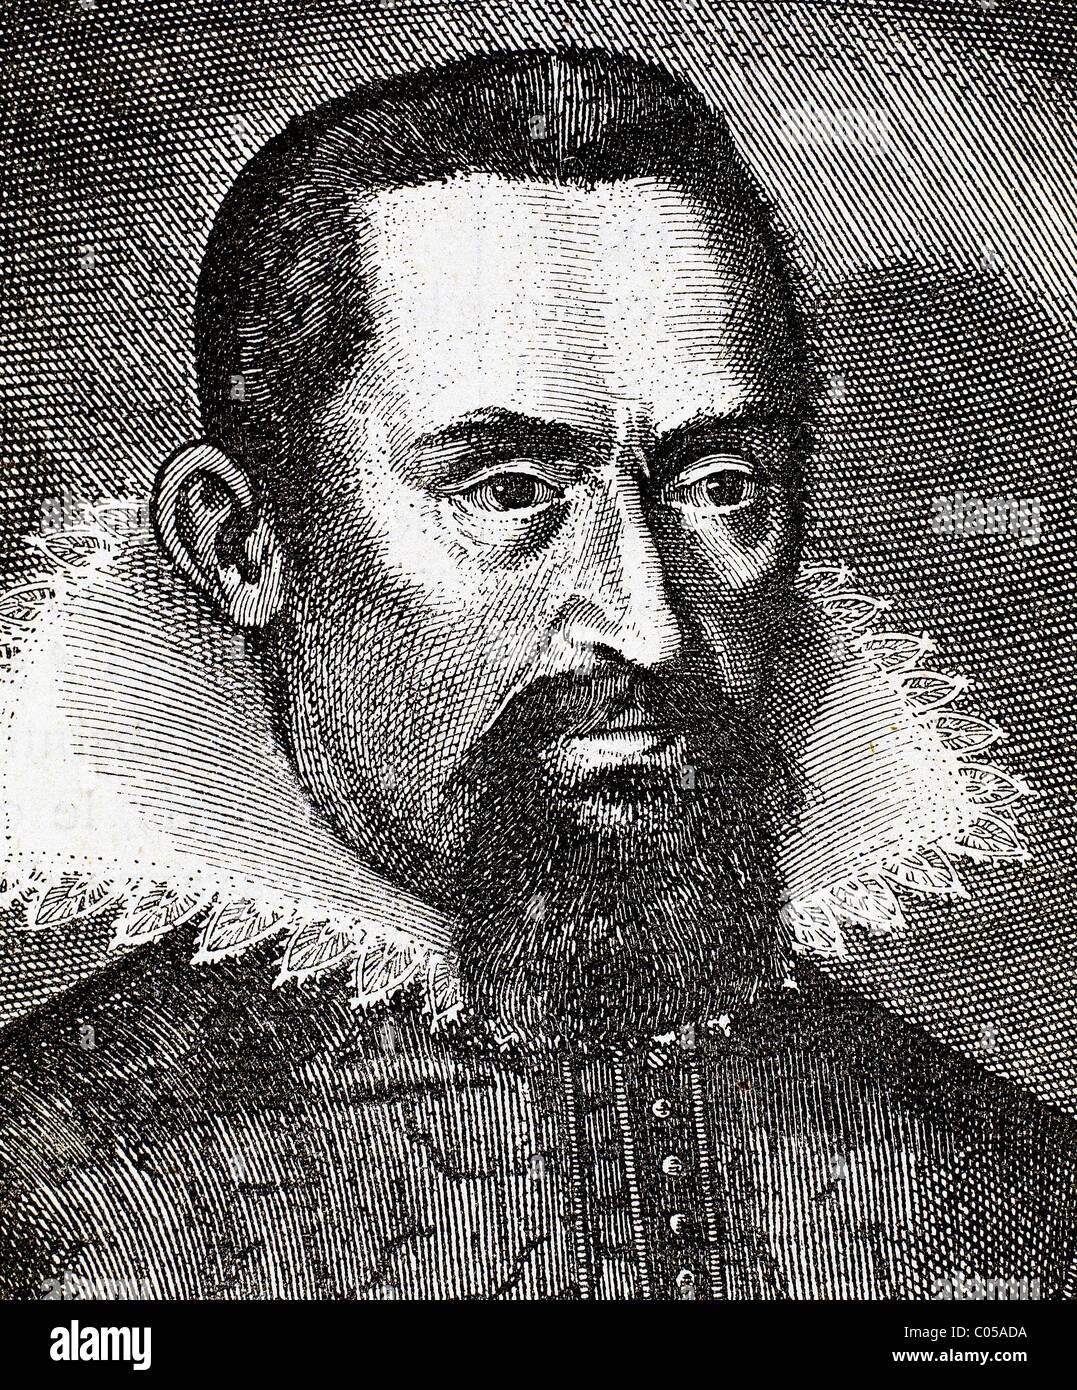 Keplero, Johannes (1571-1630), matematico e astronomo tedesco. Considerato il fondatore della moderna astronomia. Immagini Stock